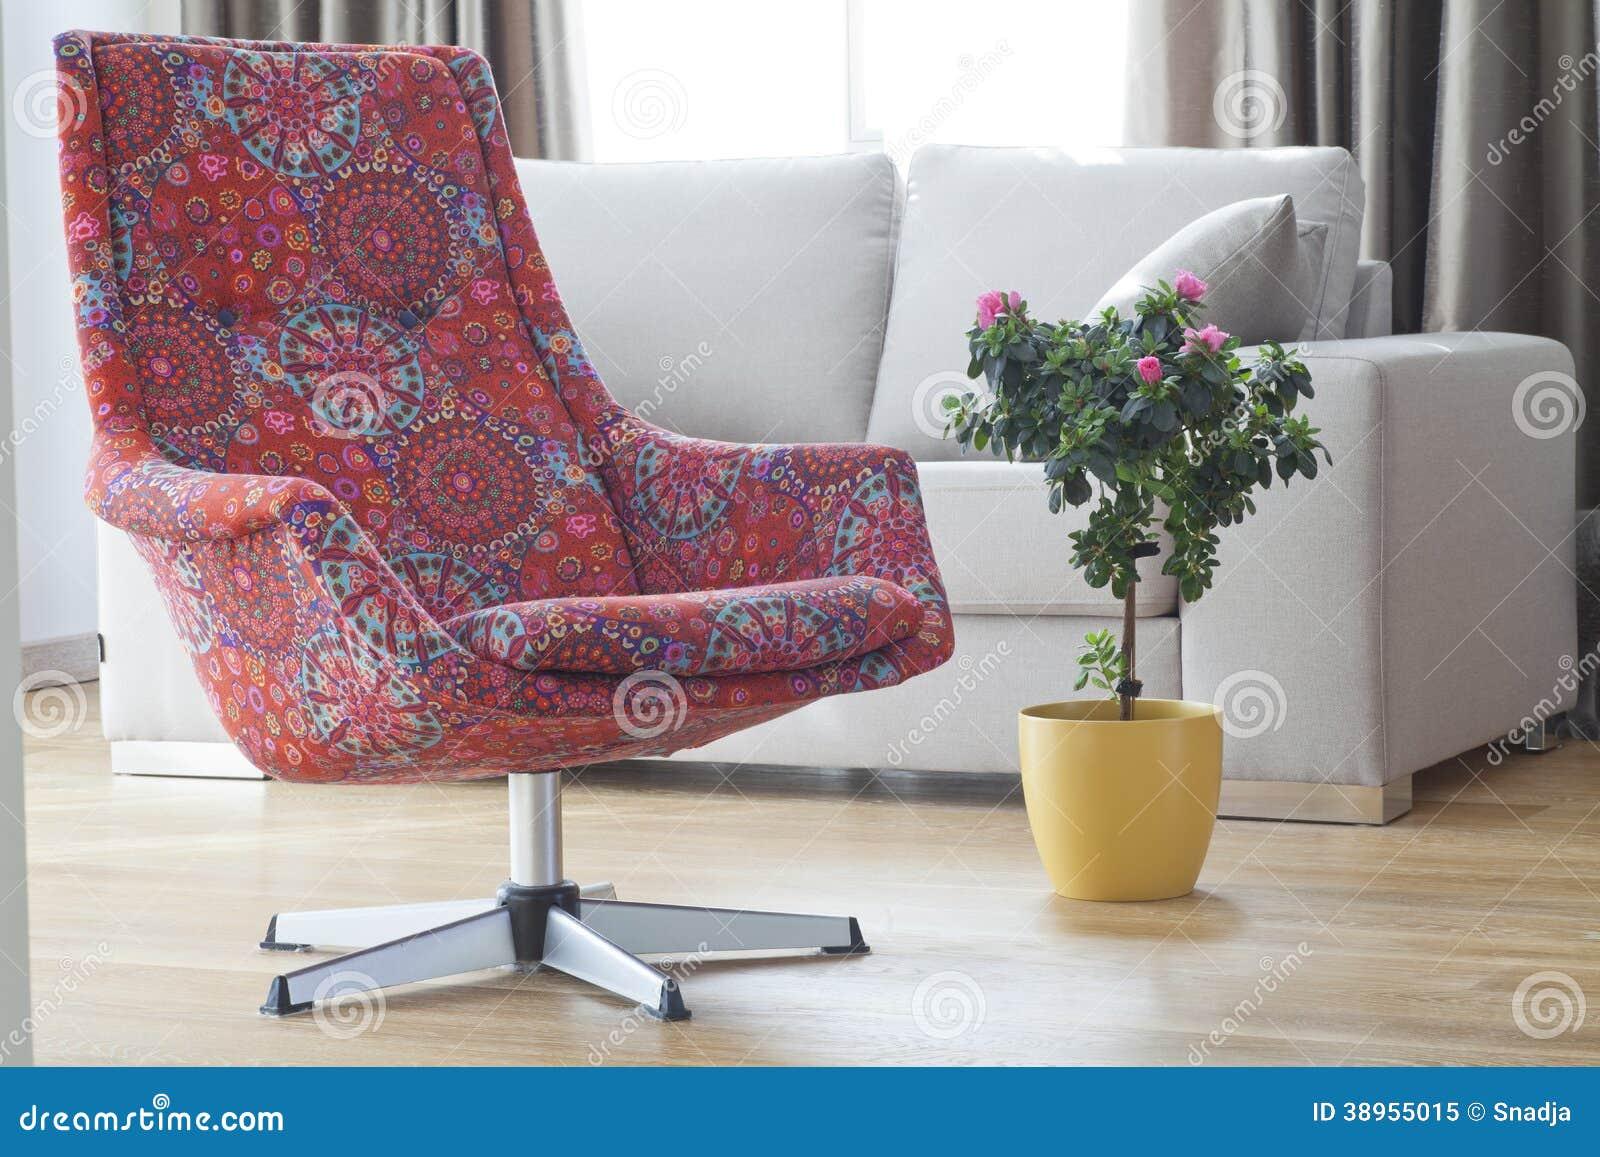 fauteuil color - Fauteuil Colore